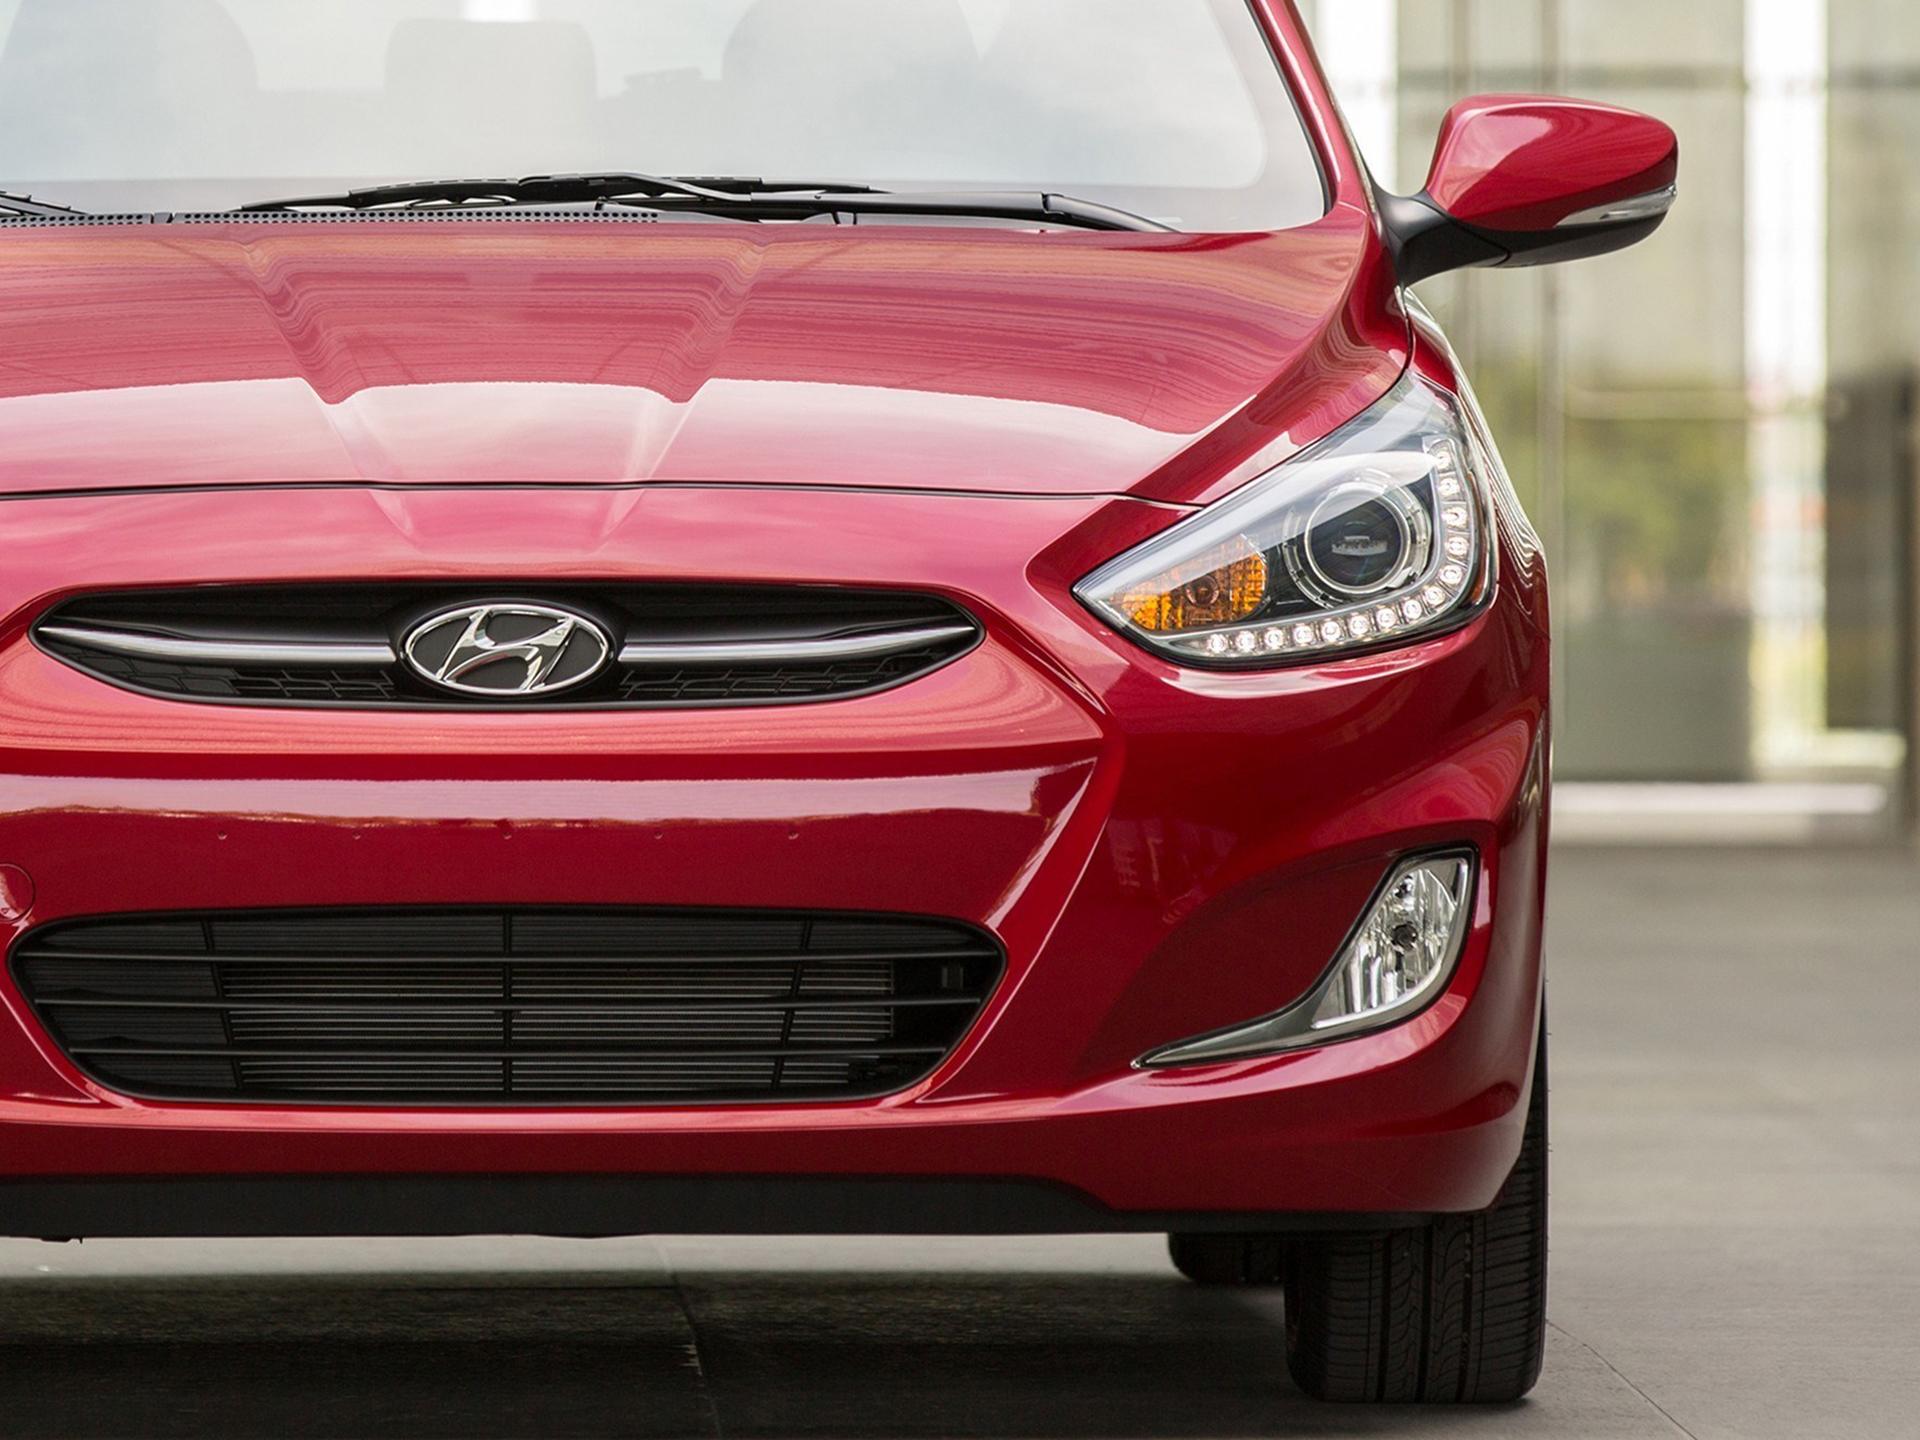 Hyundai confirmó que el Accent llegará al mercado mexicano en agosto de 2017. Foto: Hyundai